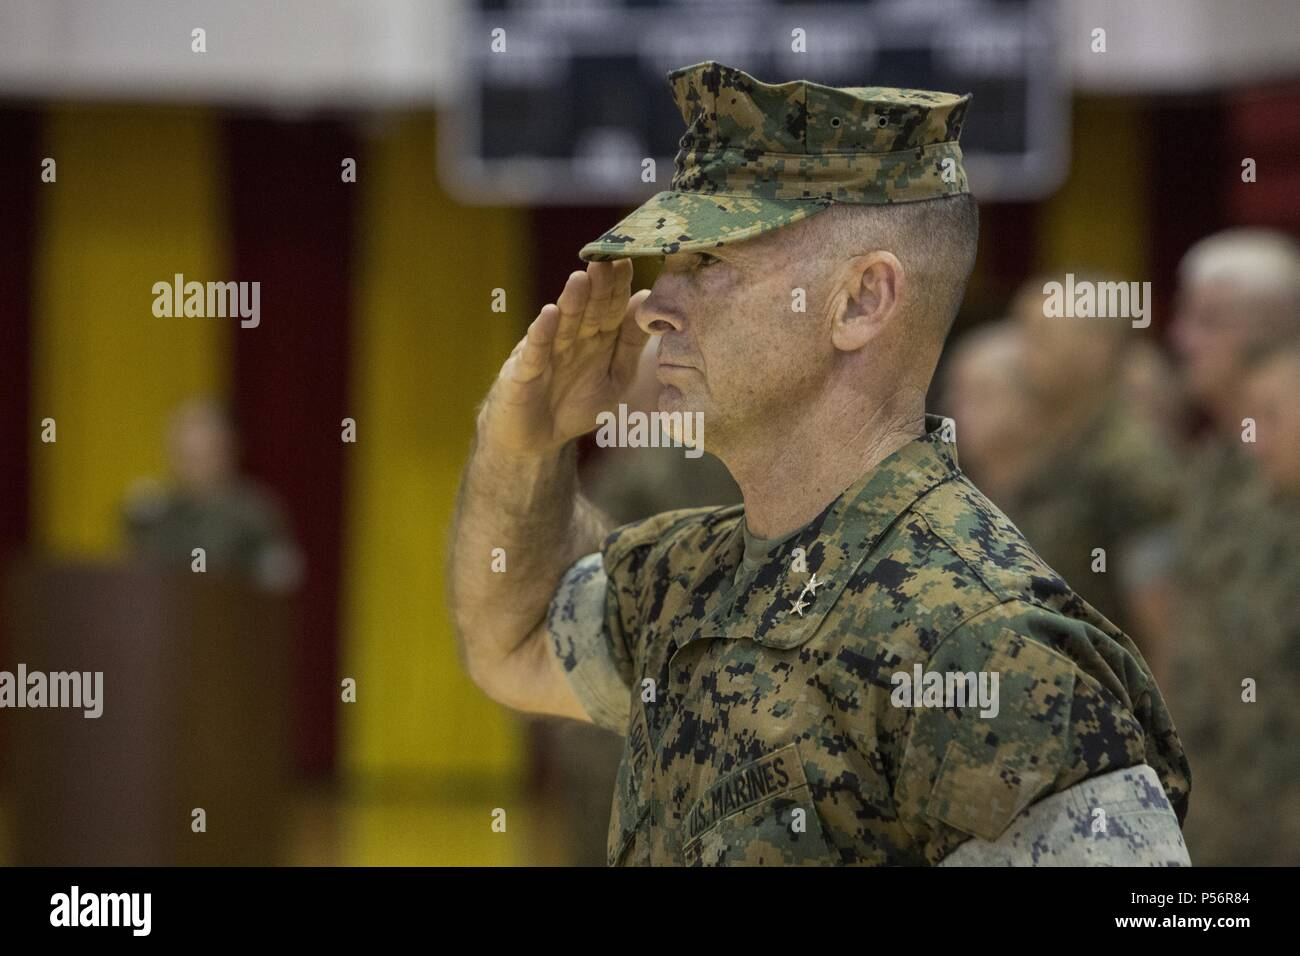 Us Marine Corps Generalmajor John K. Liebe, der kommandierende General des 2nd Marine Division, begrüßt im Laufe des 6 Marine Regiment Ändern des Befehls Zeremonie in Camp Lejeune, N.C. Juni 12, 2018, 12. Juni 2018. Während der Zeremonie, Oberst Matthew S. Reid Befehl der Steuereinheit zu Oberst Daniel T. Canfield Jr. (USA aufgegeben Marine Corps Foto von Pfc. Nathaniel f. Hamilton). () Stockfoto